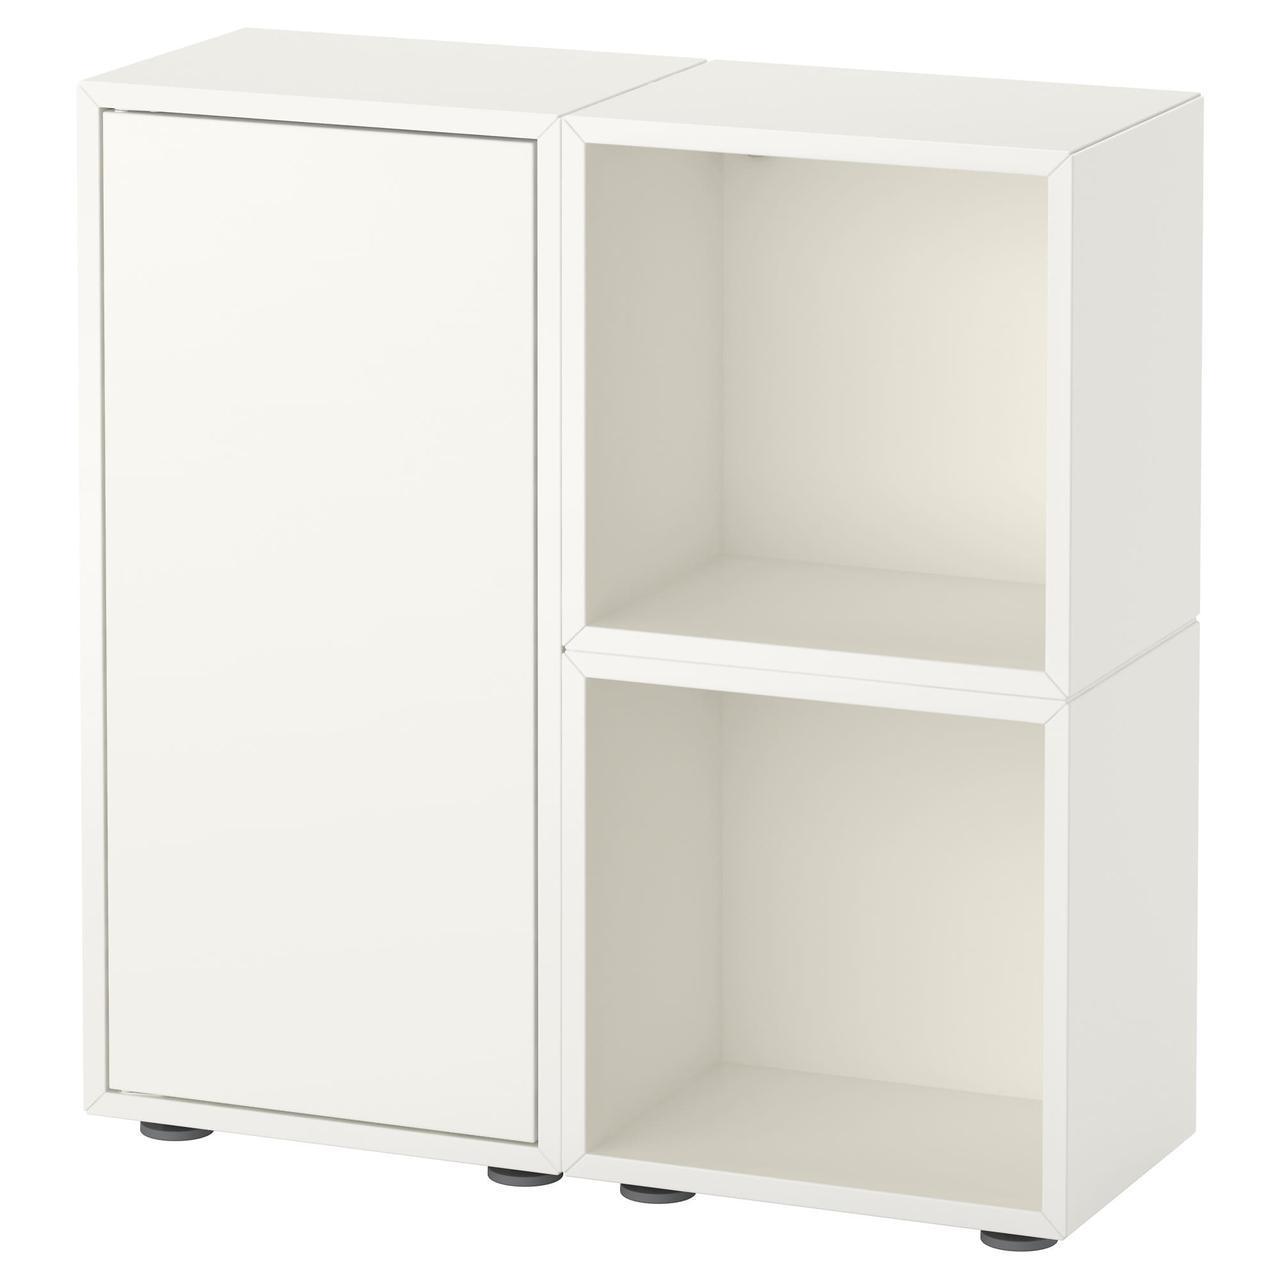 IKEA EKET (091.891.96) Комбинация шкафов с ножками белый/серый